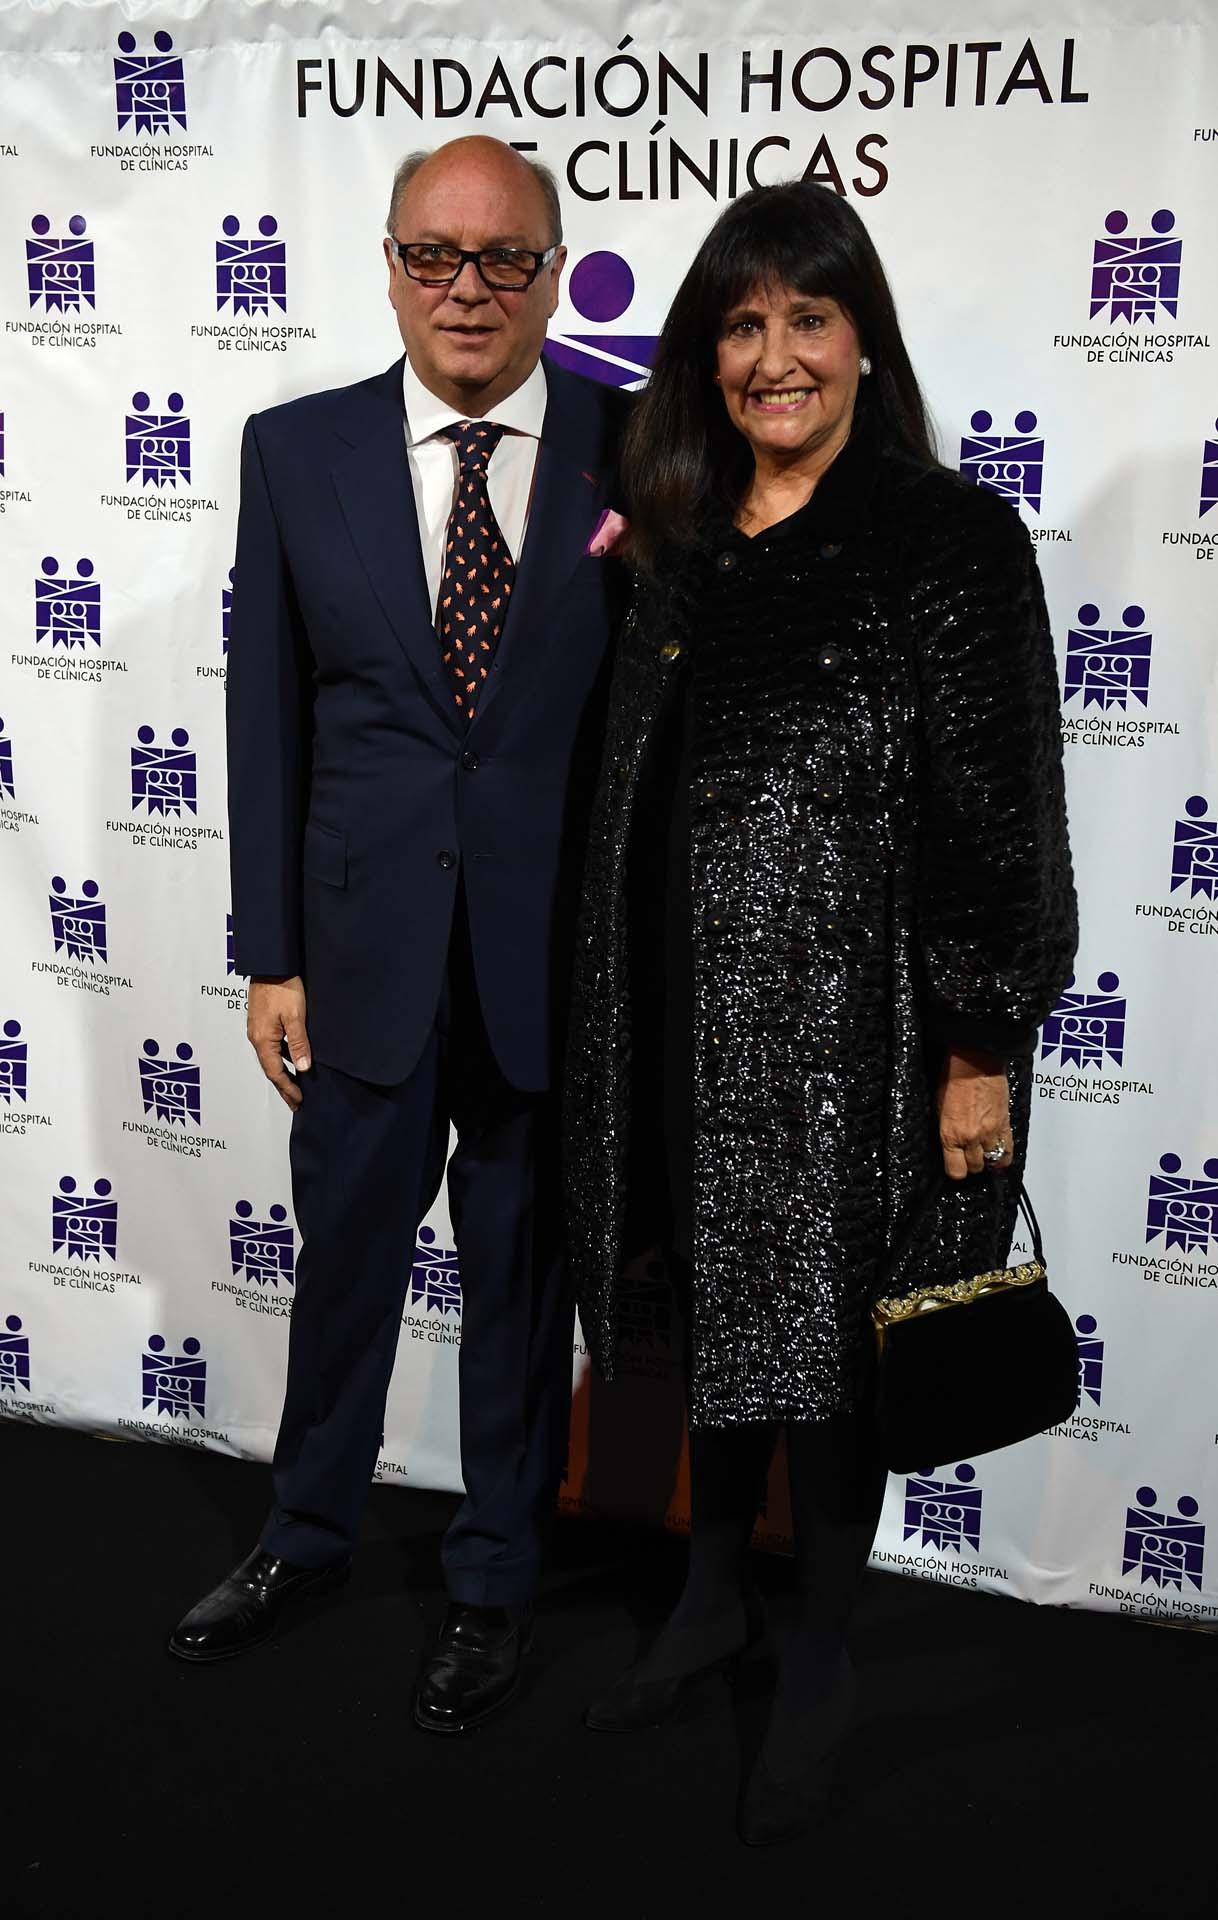 El empresario Martín Cabrales, vocal de la Fundación, y María Podestá, secretaria de la Fundación